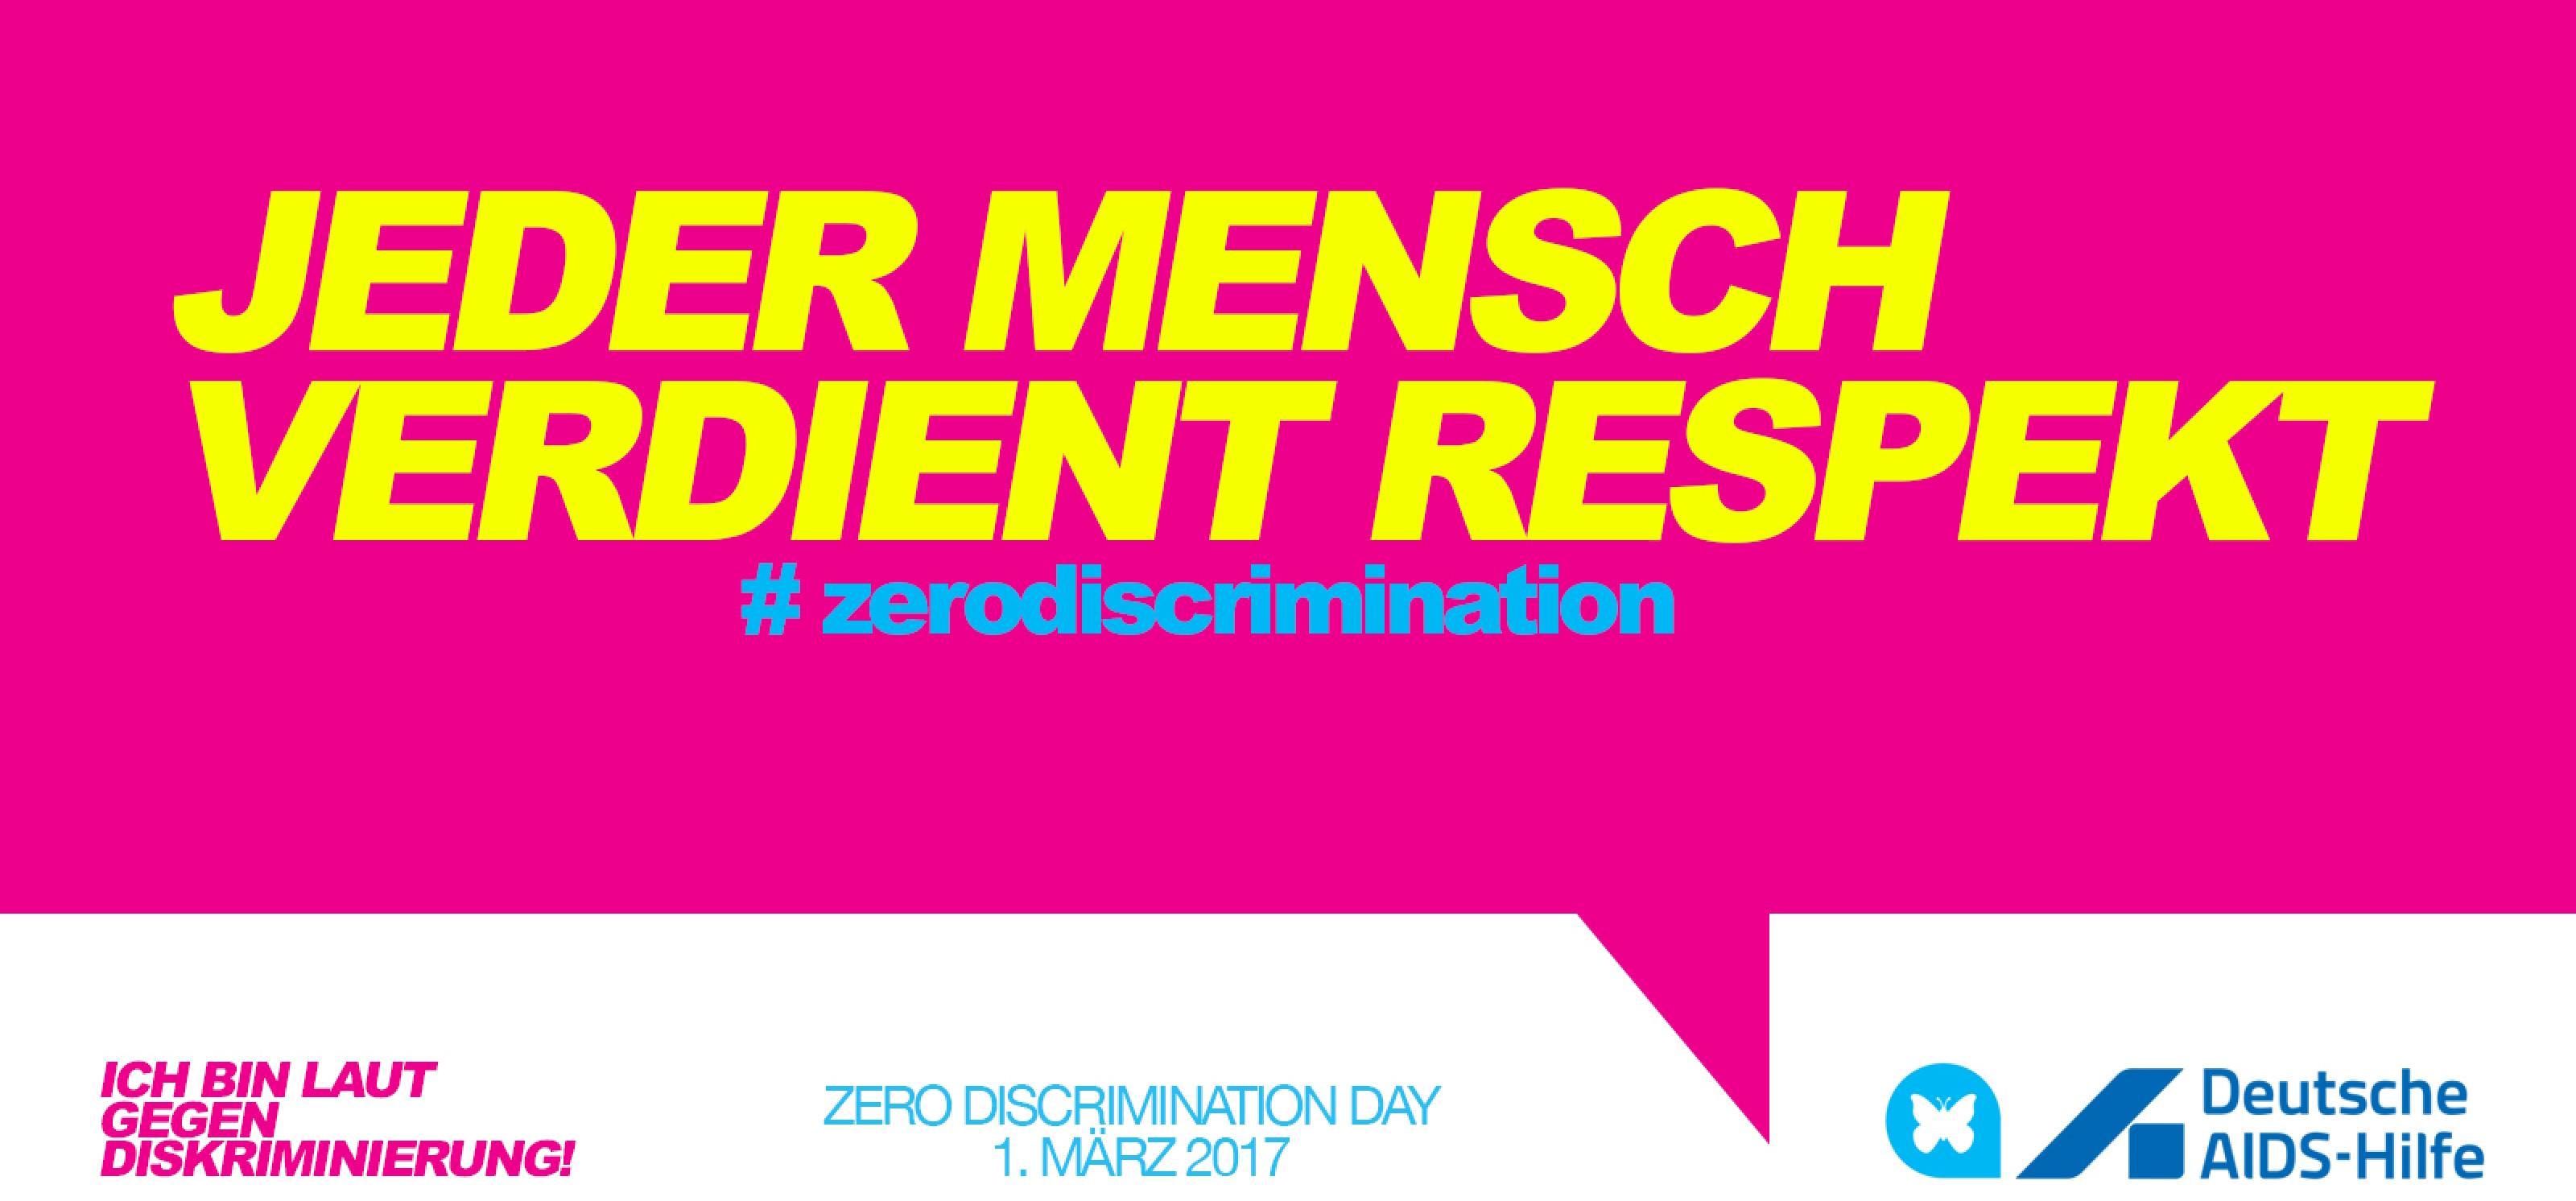 """Auf einer pinken Sprechblase steht der Text """"Jeder Mensch verdient Respekt. Zero Discrimination."""""""